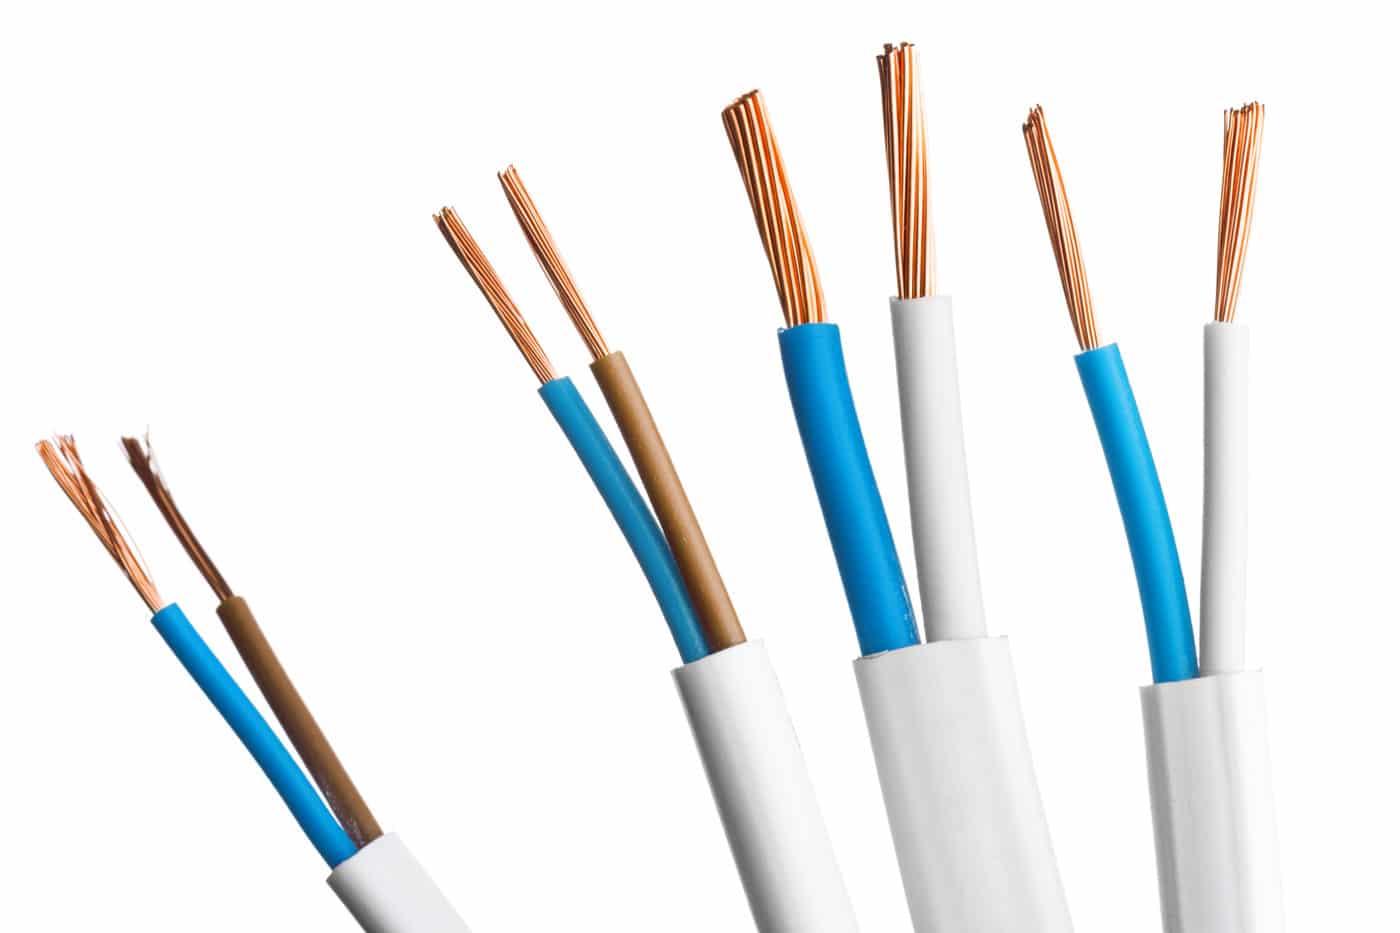 Bei einer 2-Draht-Technik werden alle Signale über zwei Drähte übertragen